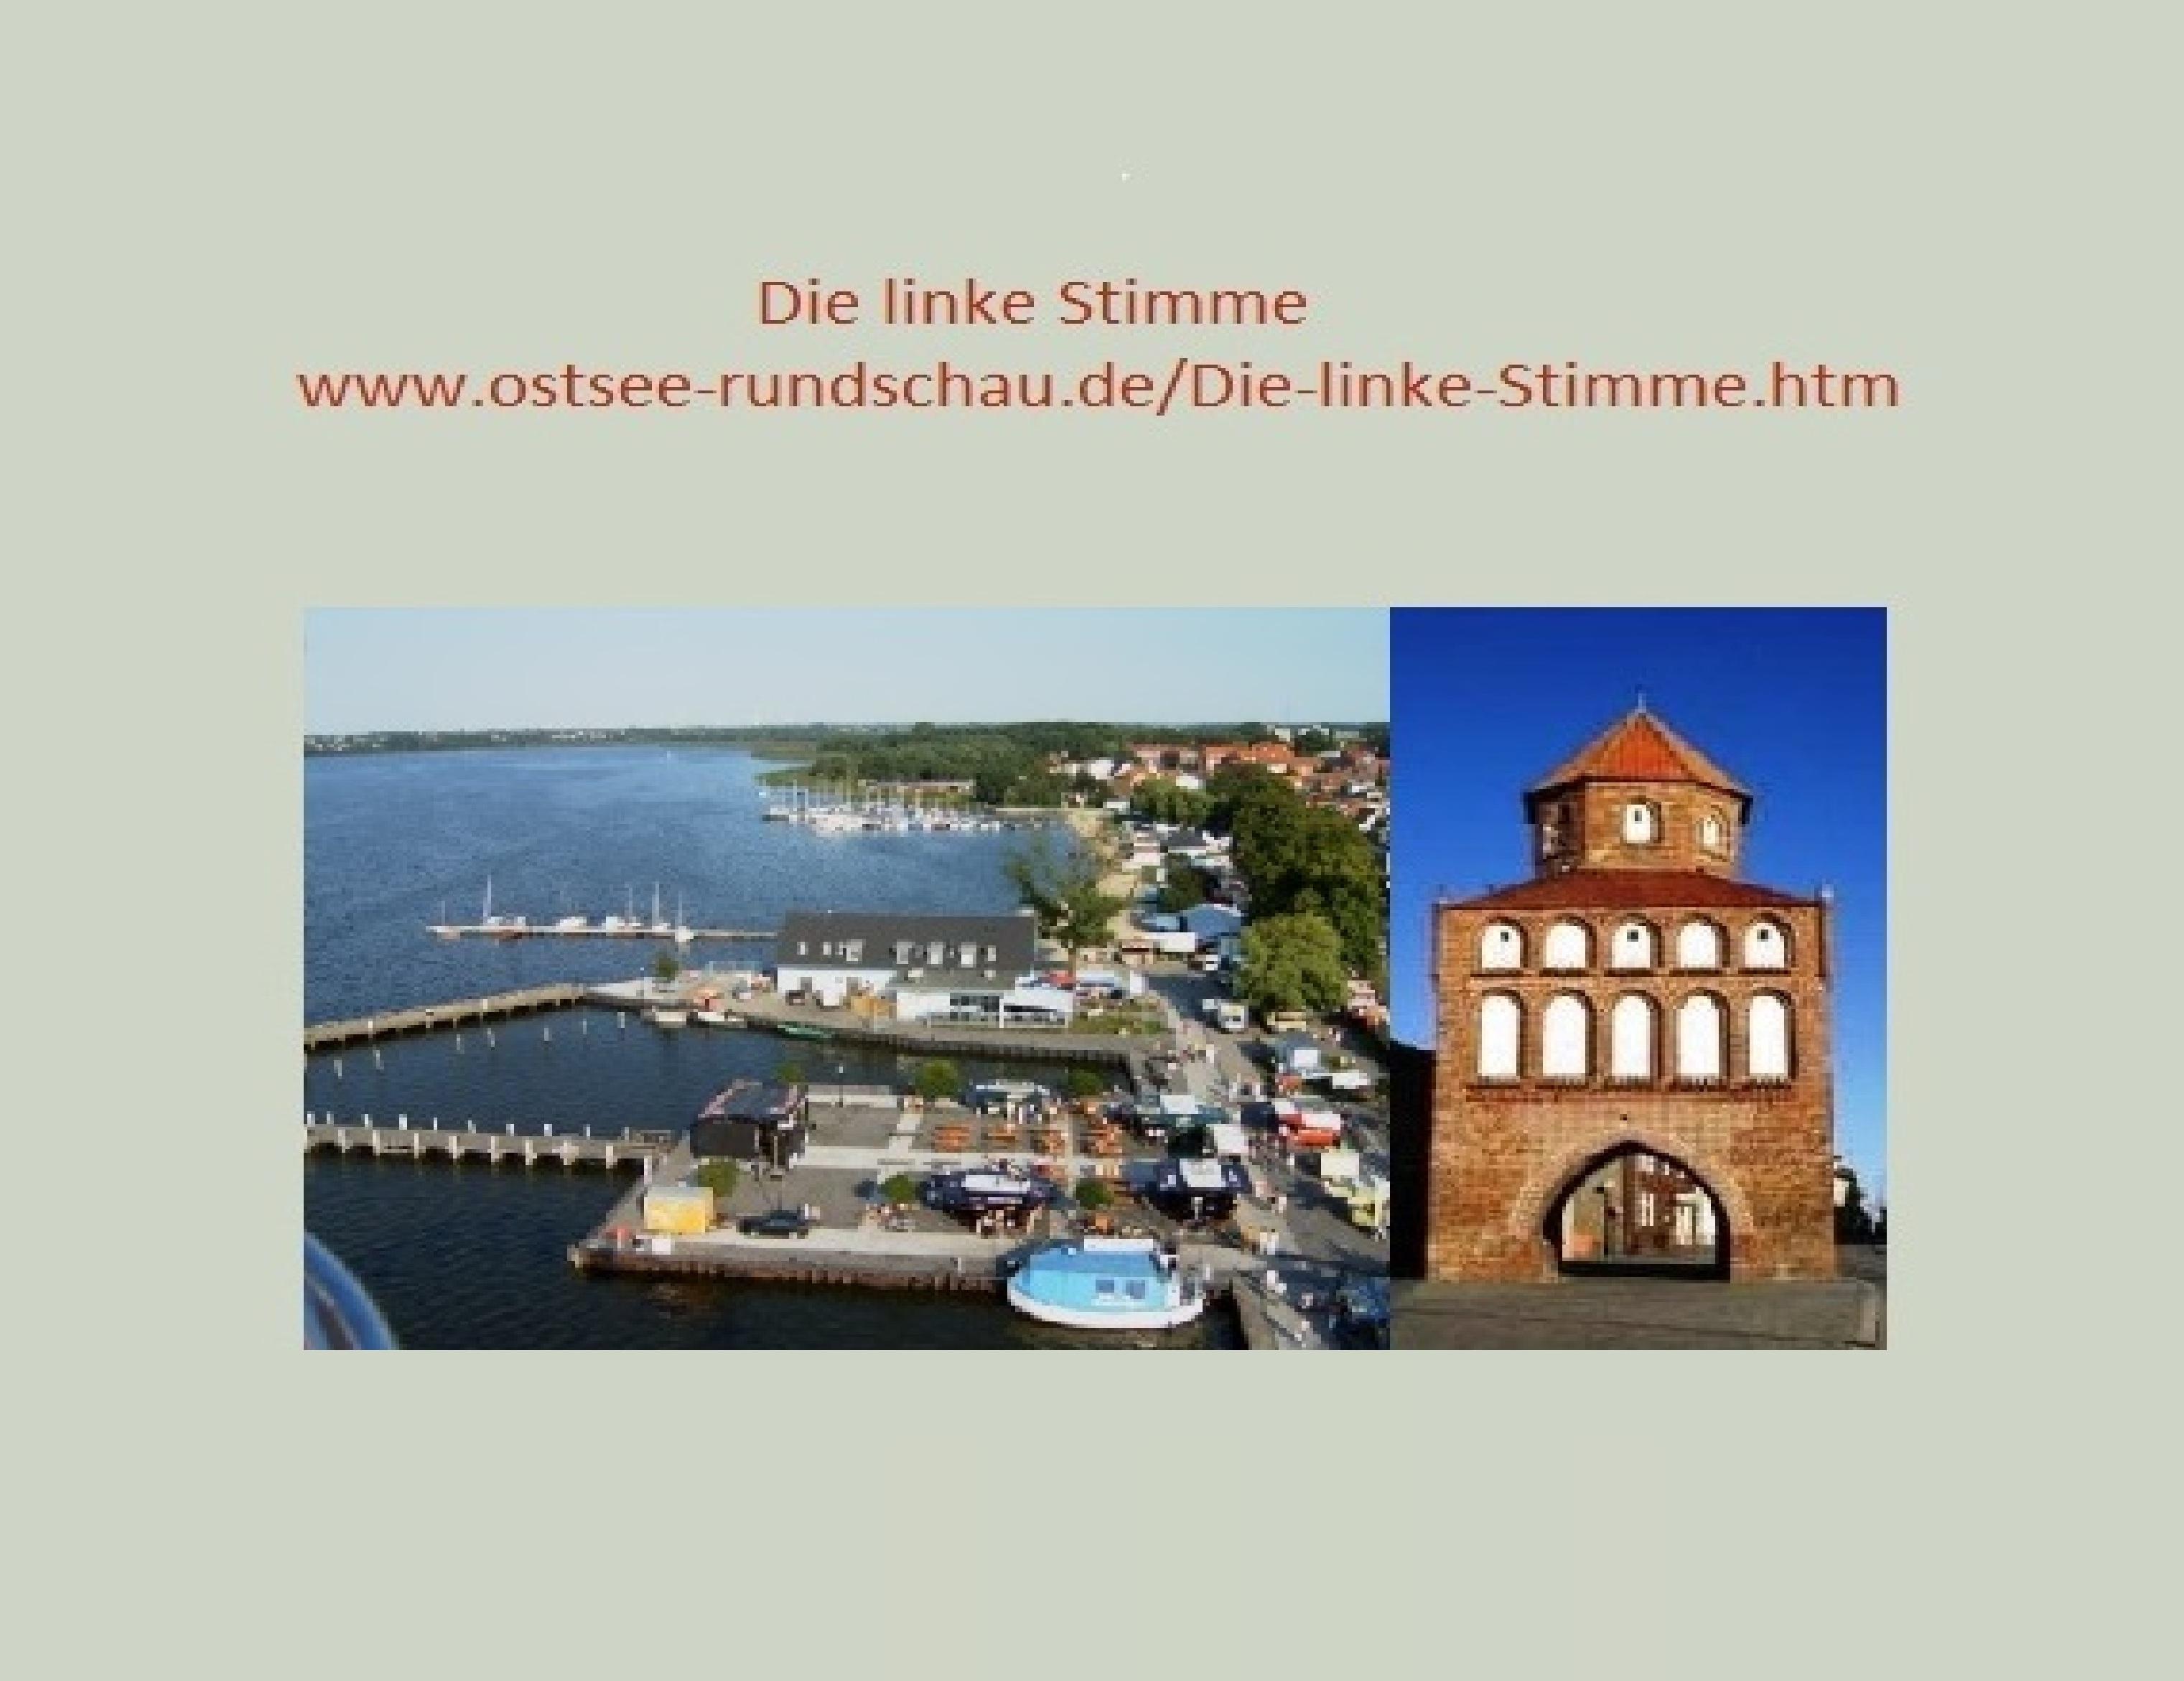 Ostsee-Rundschau.de - Mitteilungsblätter Die linke Stimme - Ortsverband und Stadtfraktion DIE LINKE<br> Ribnitz-Damgarten informieren